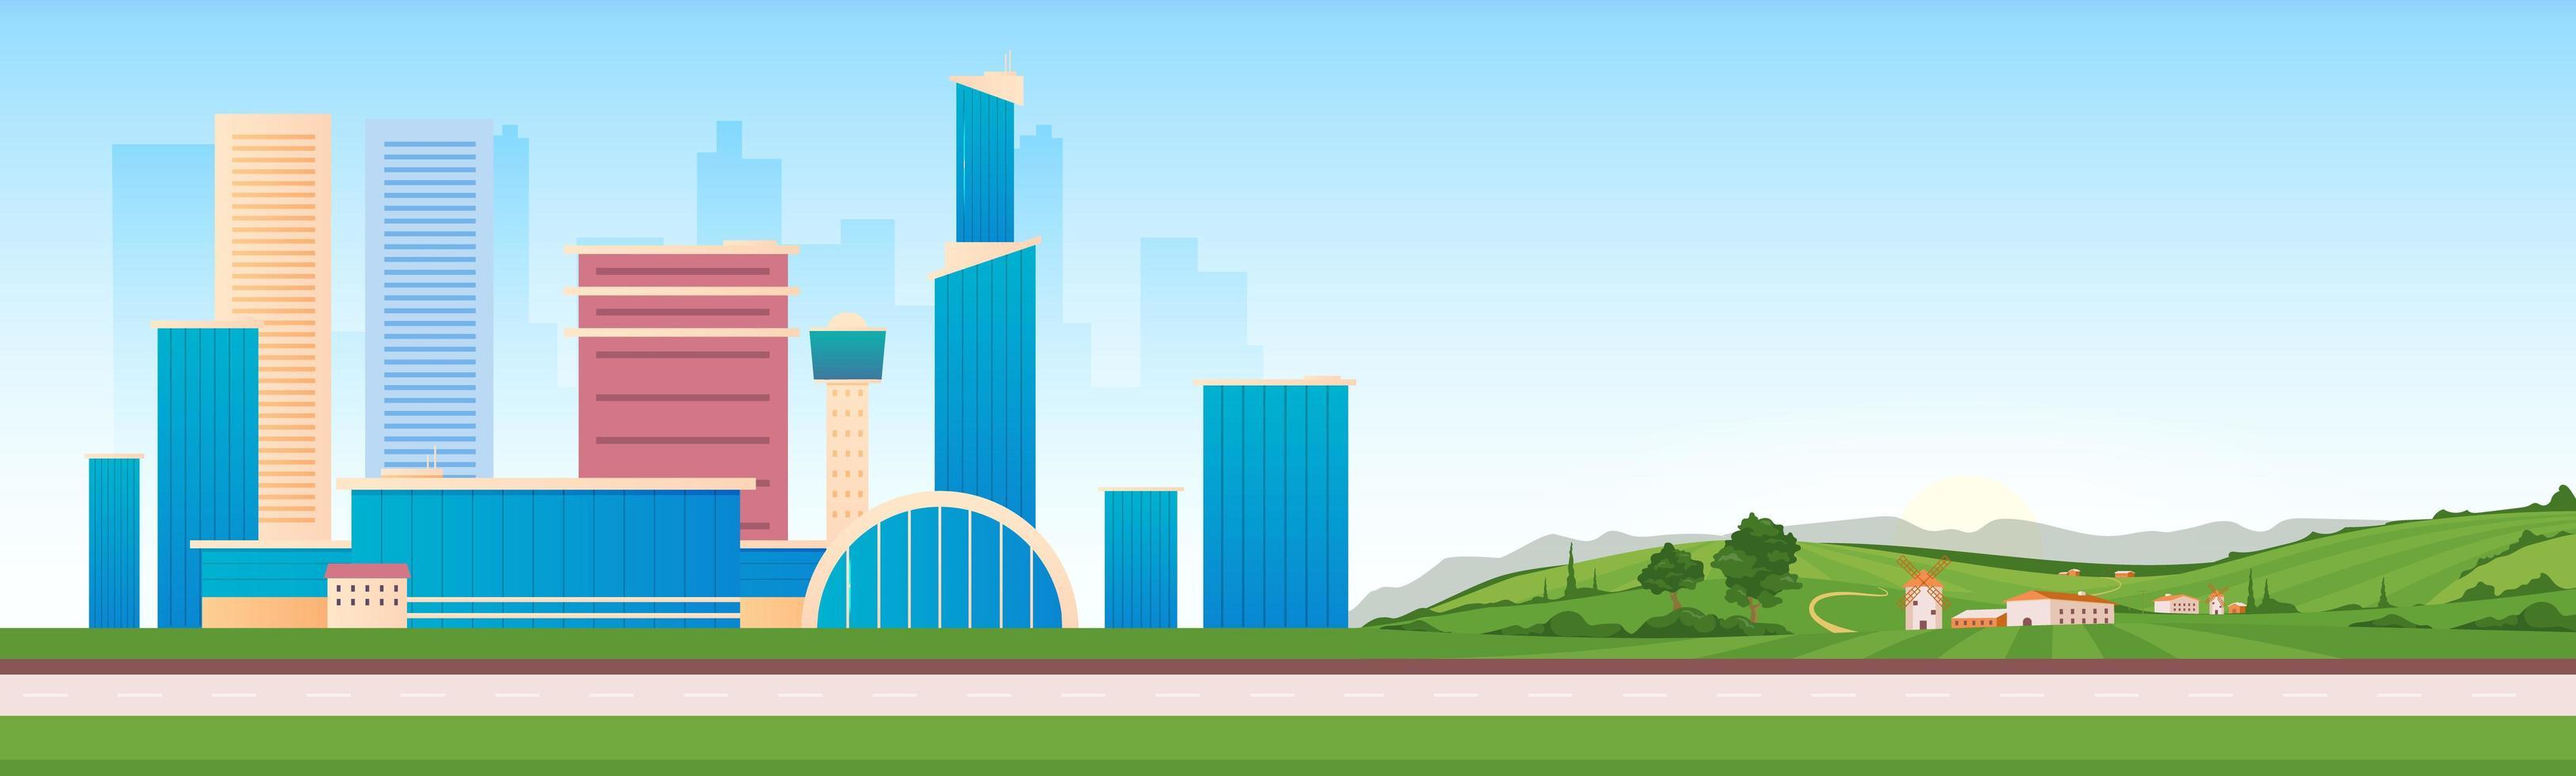 aree urbane e rurali vettore